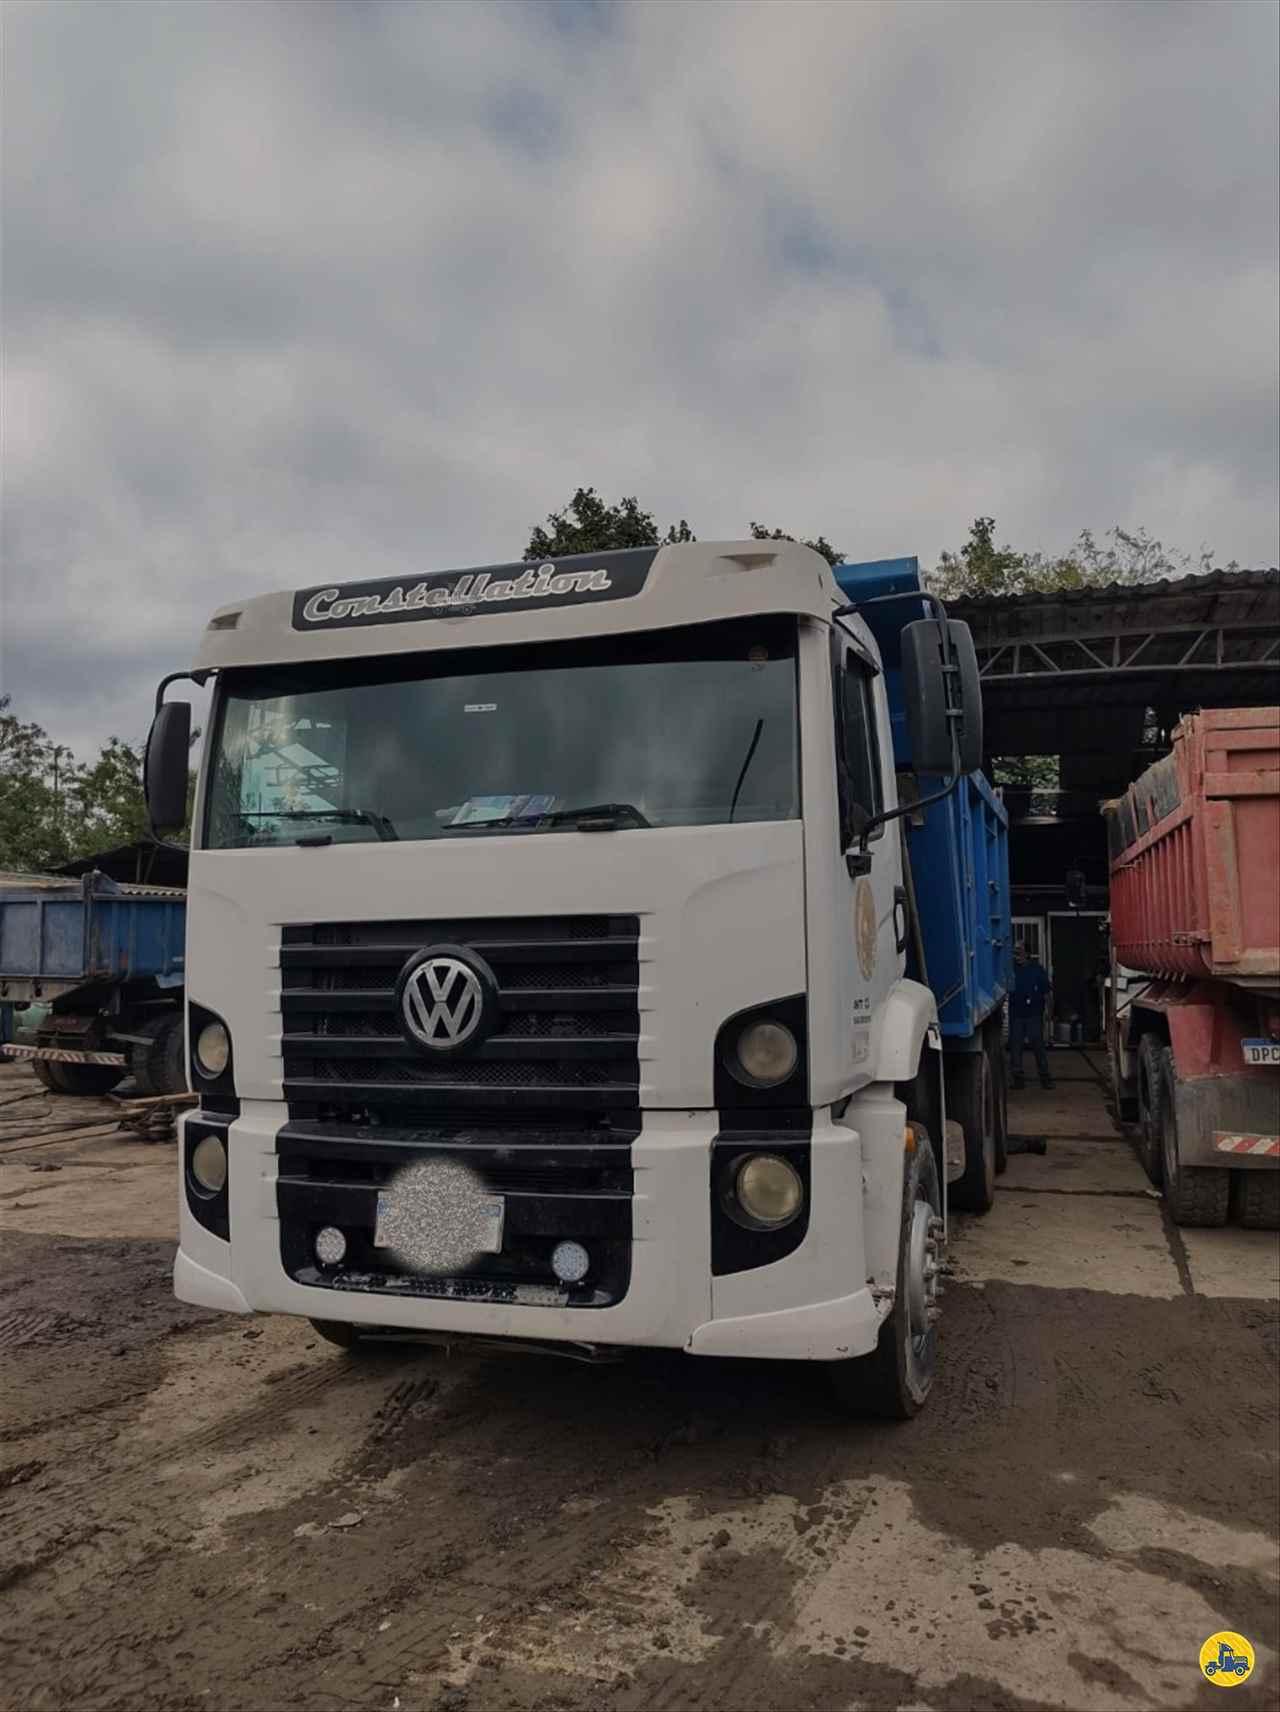 CAMINHAO VOLKSWAGEN VW 26260 Caçamba Basculante Traçado 6x4 Wilson Caminhões RIBEIRAO PIRES SÃO PAULO SP